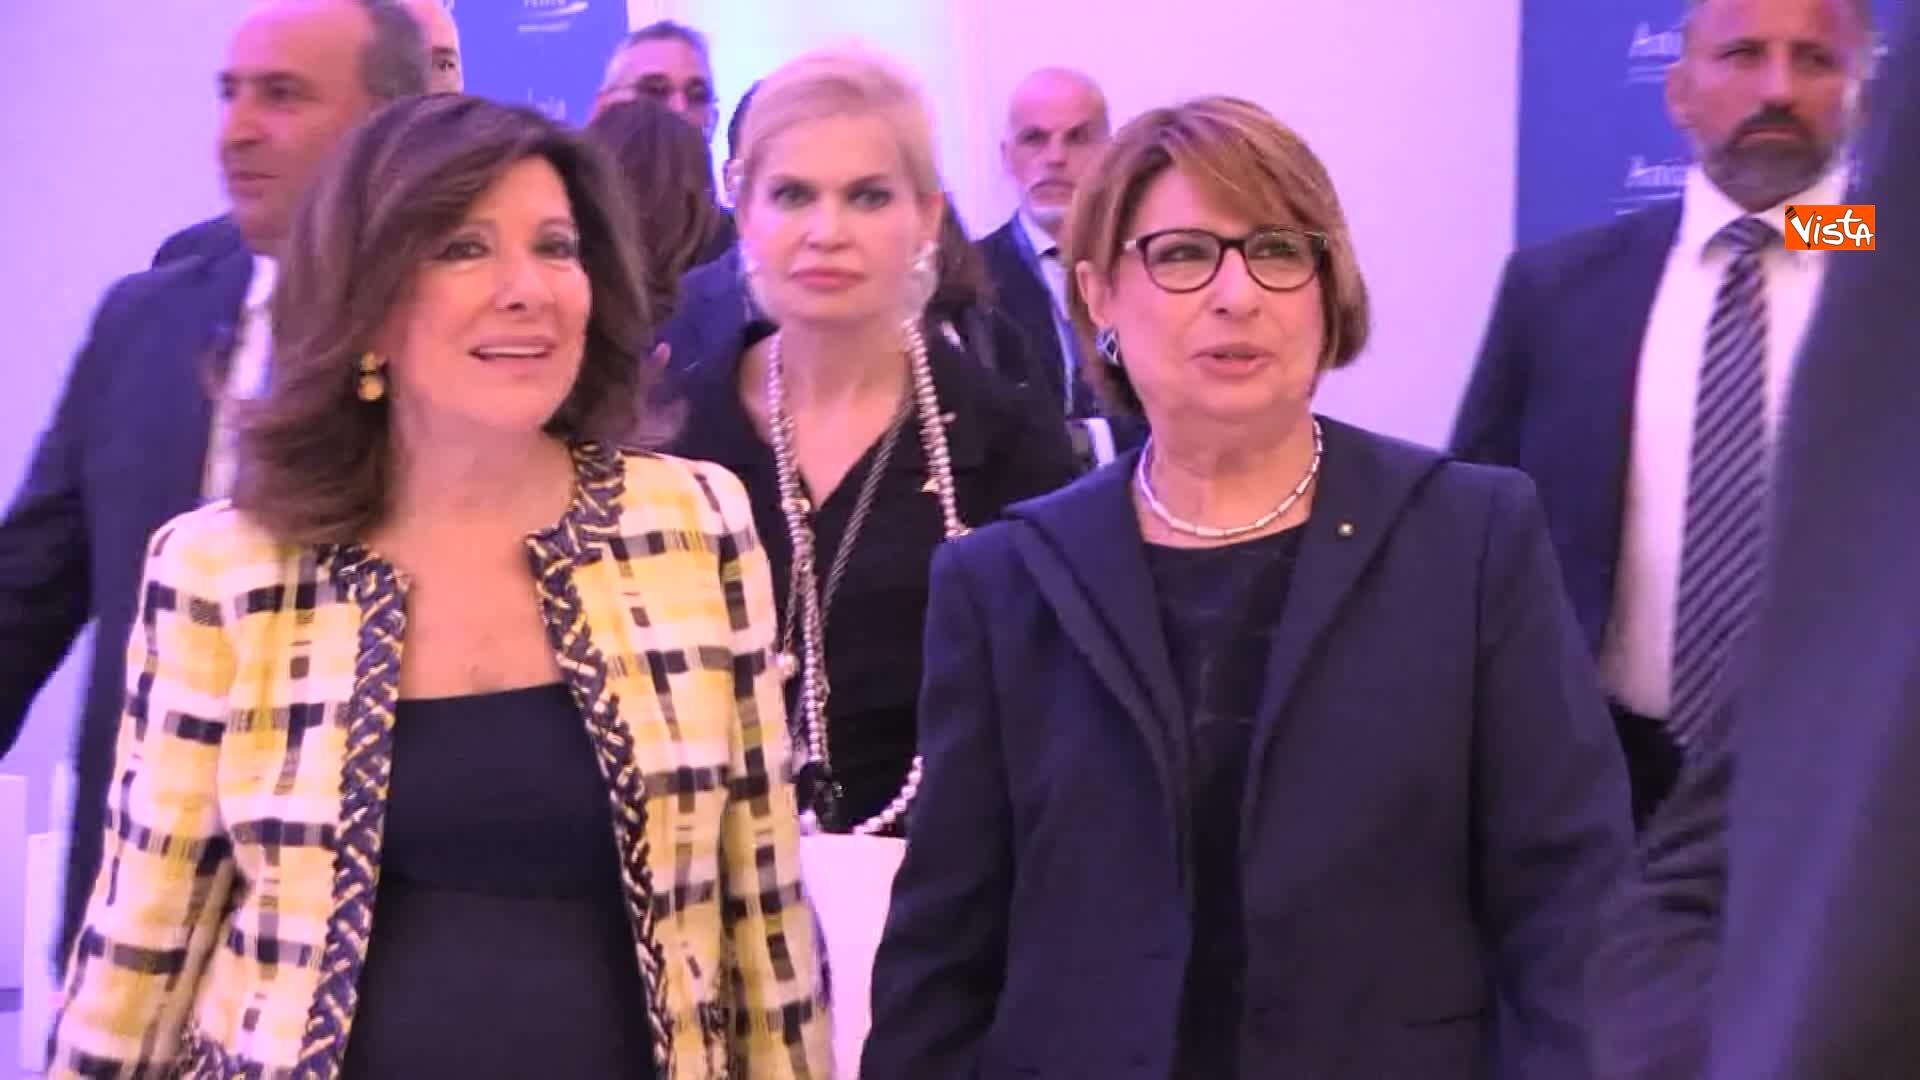 10-07-19 Ania l Assemblea con Conte Mattarella e la presidente Farina_La presidente Farina con la presidente del Senato Elisabetta Casellati 07